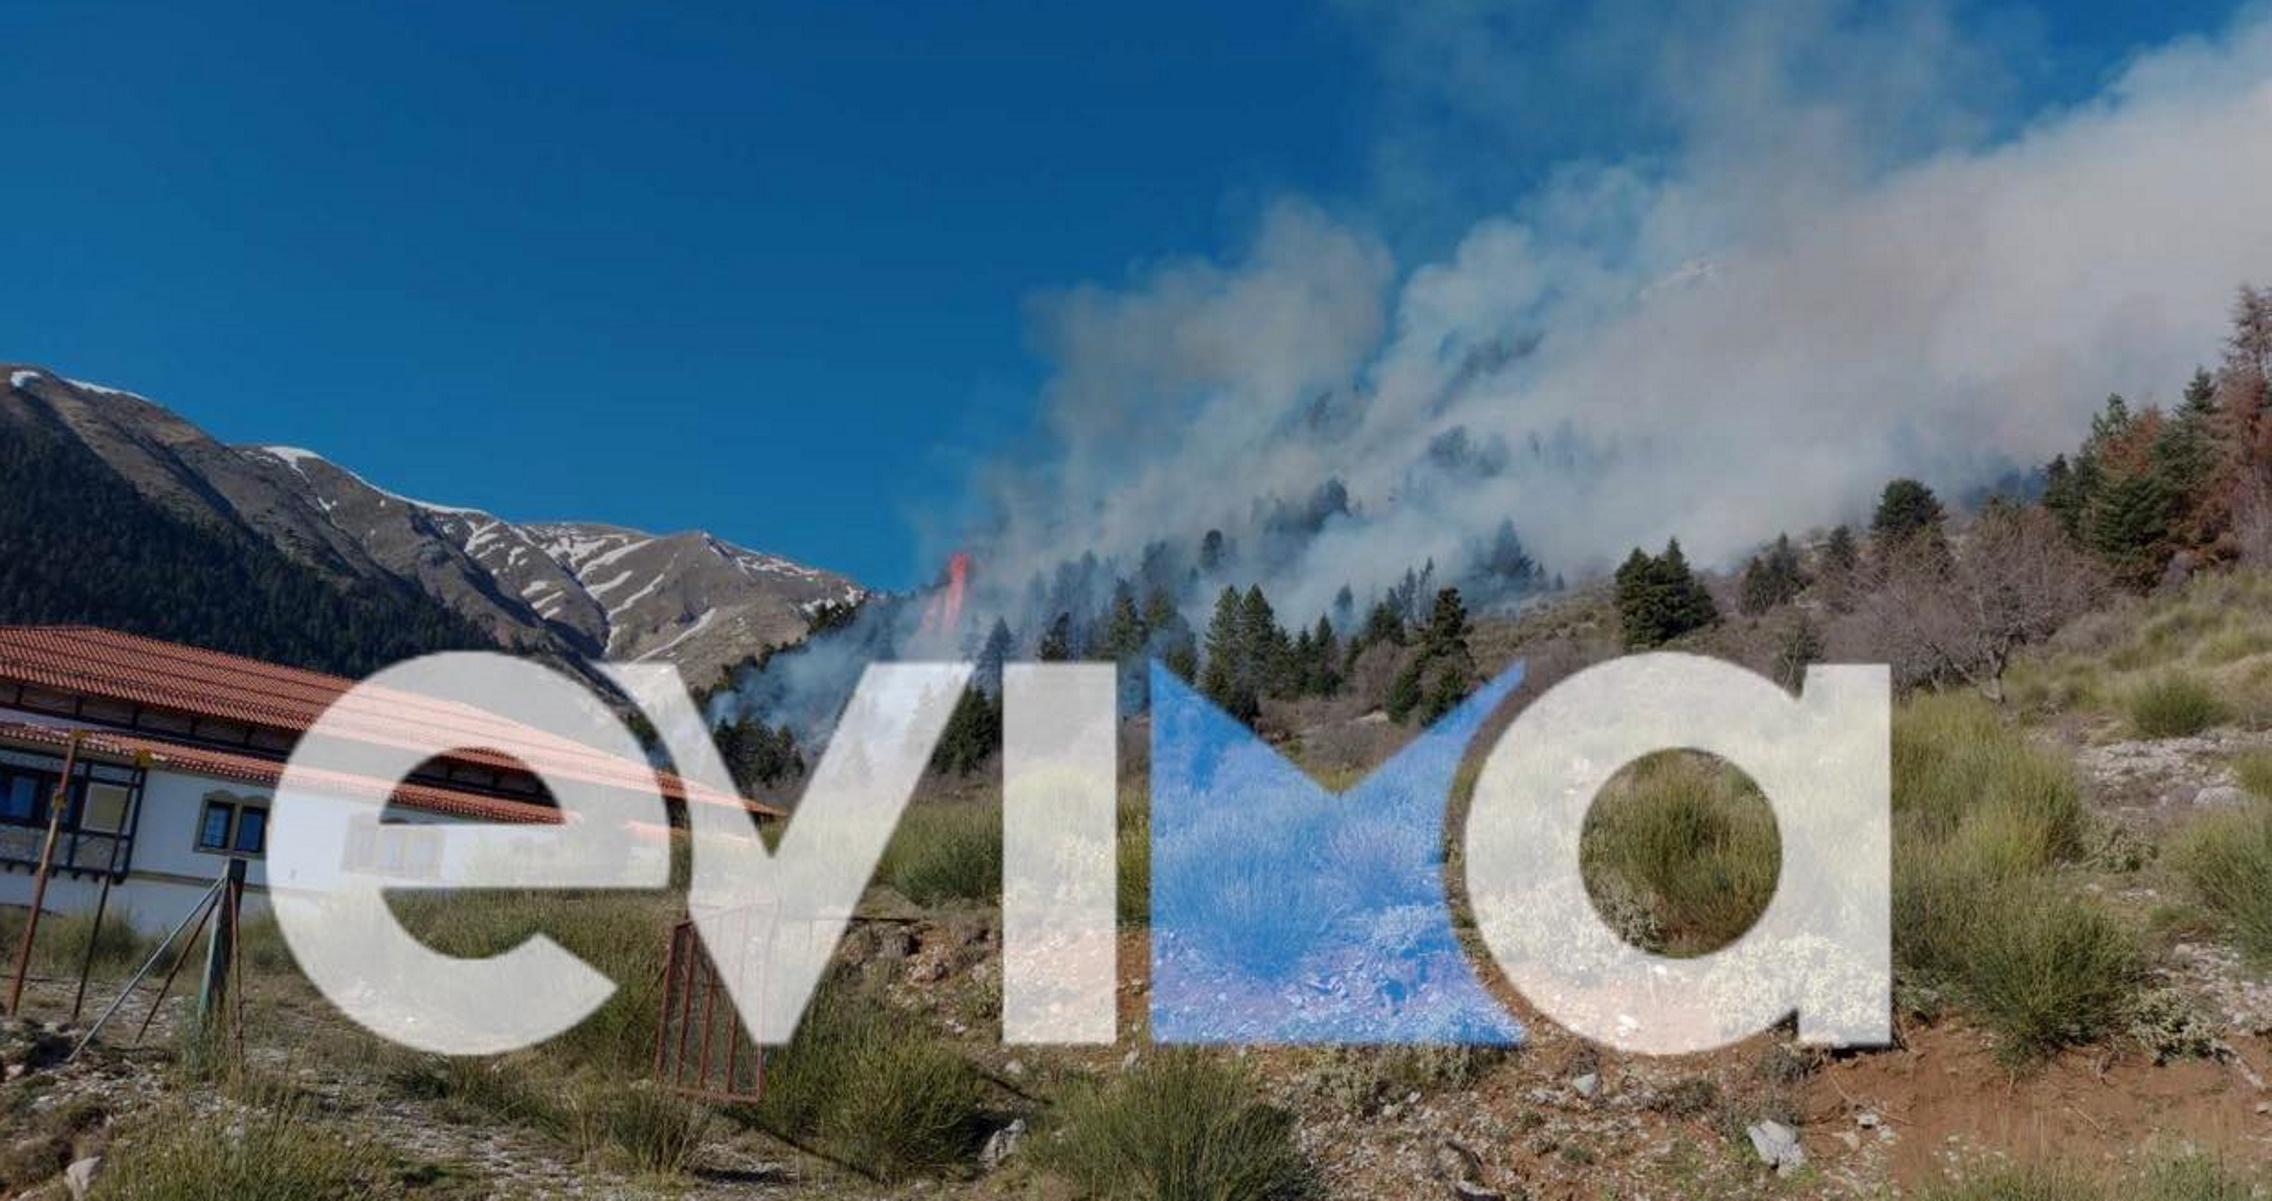 Φωτιά στο Καρπενήσι κοντά σε ξενοδοχείο – Καταφτάνουν πυροσβέστες από τη Φθιώτιδα (pics)